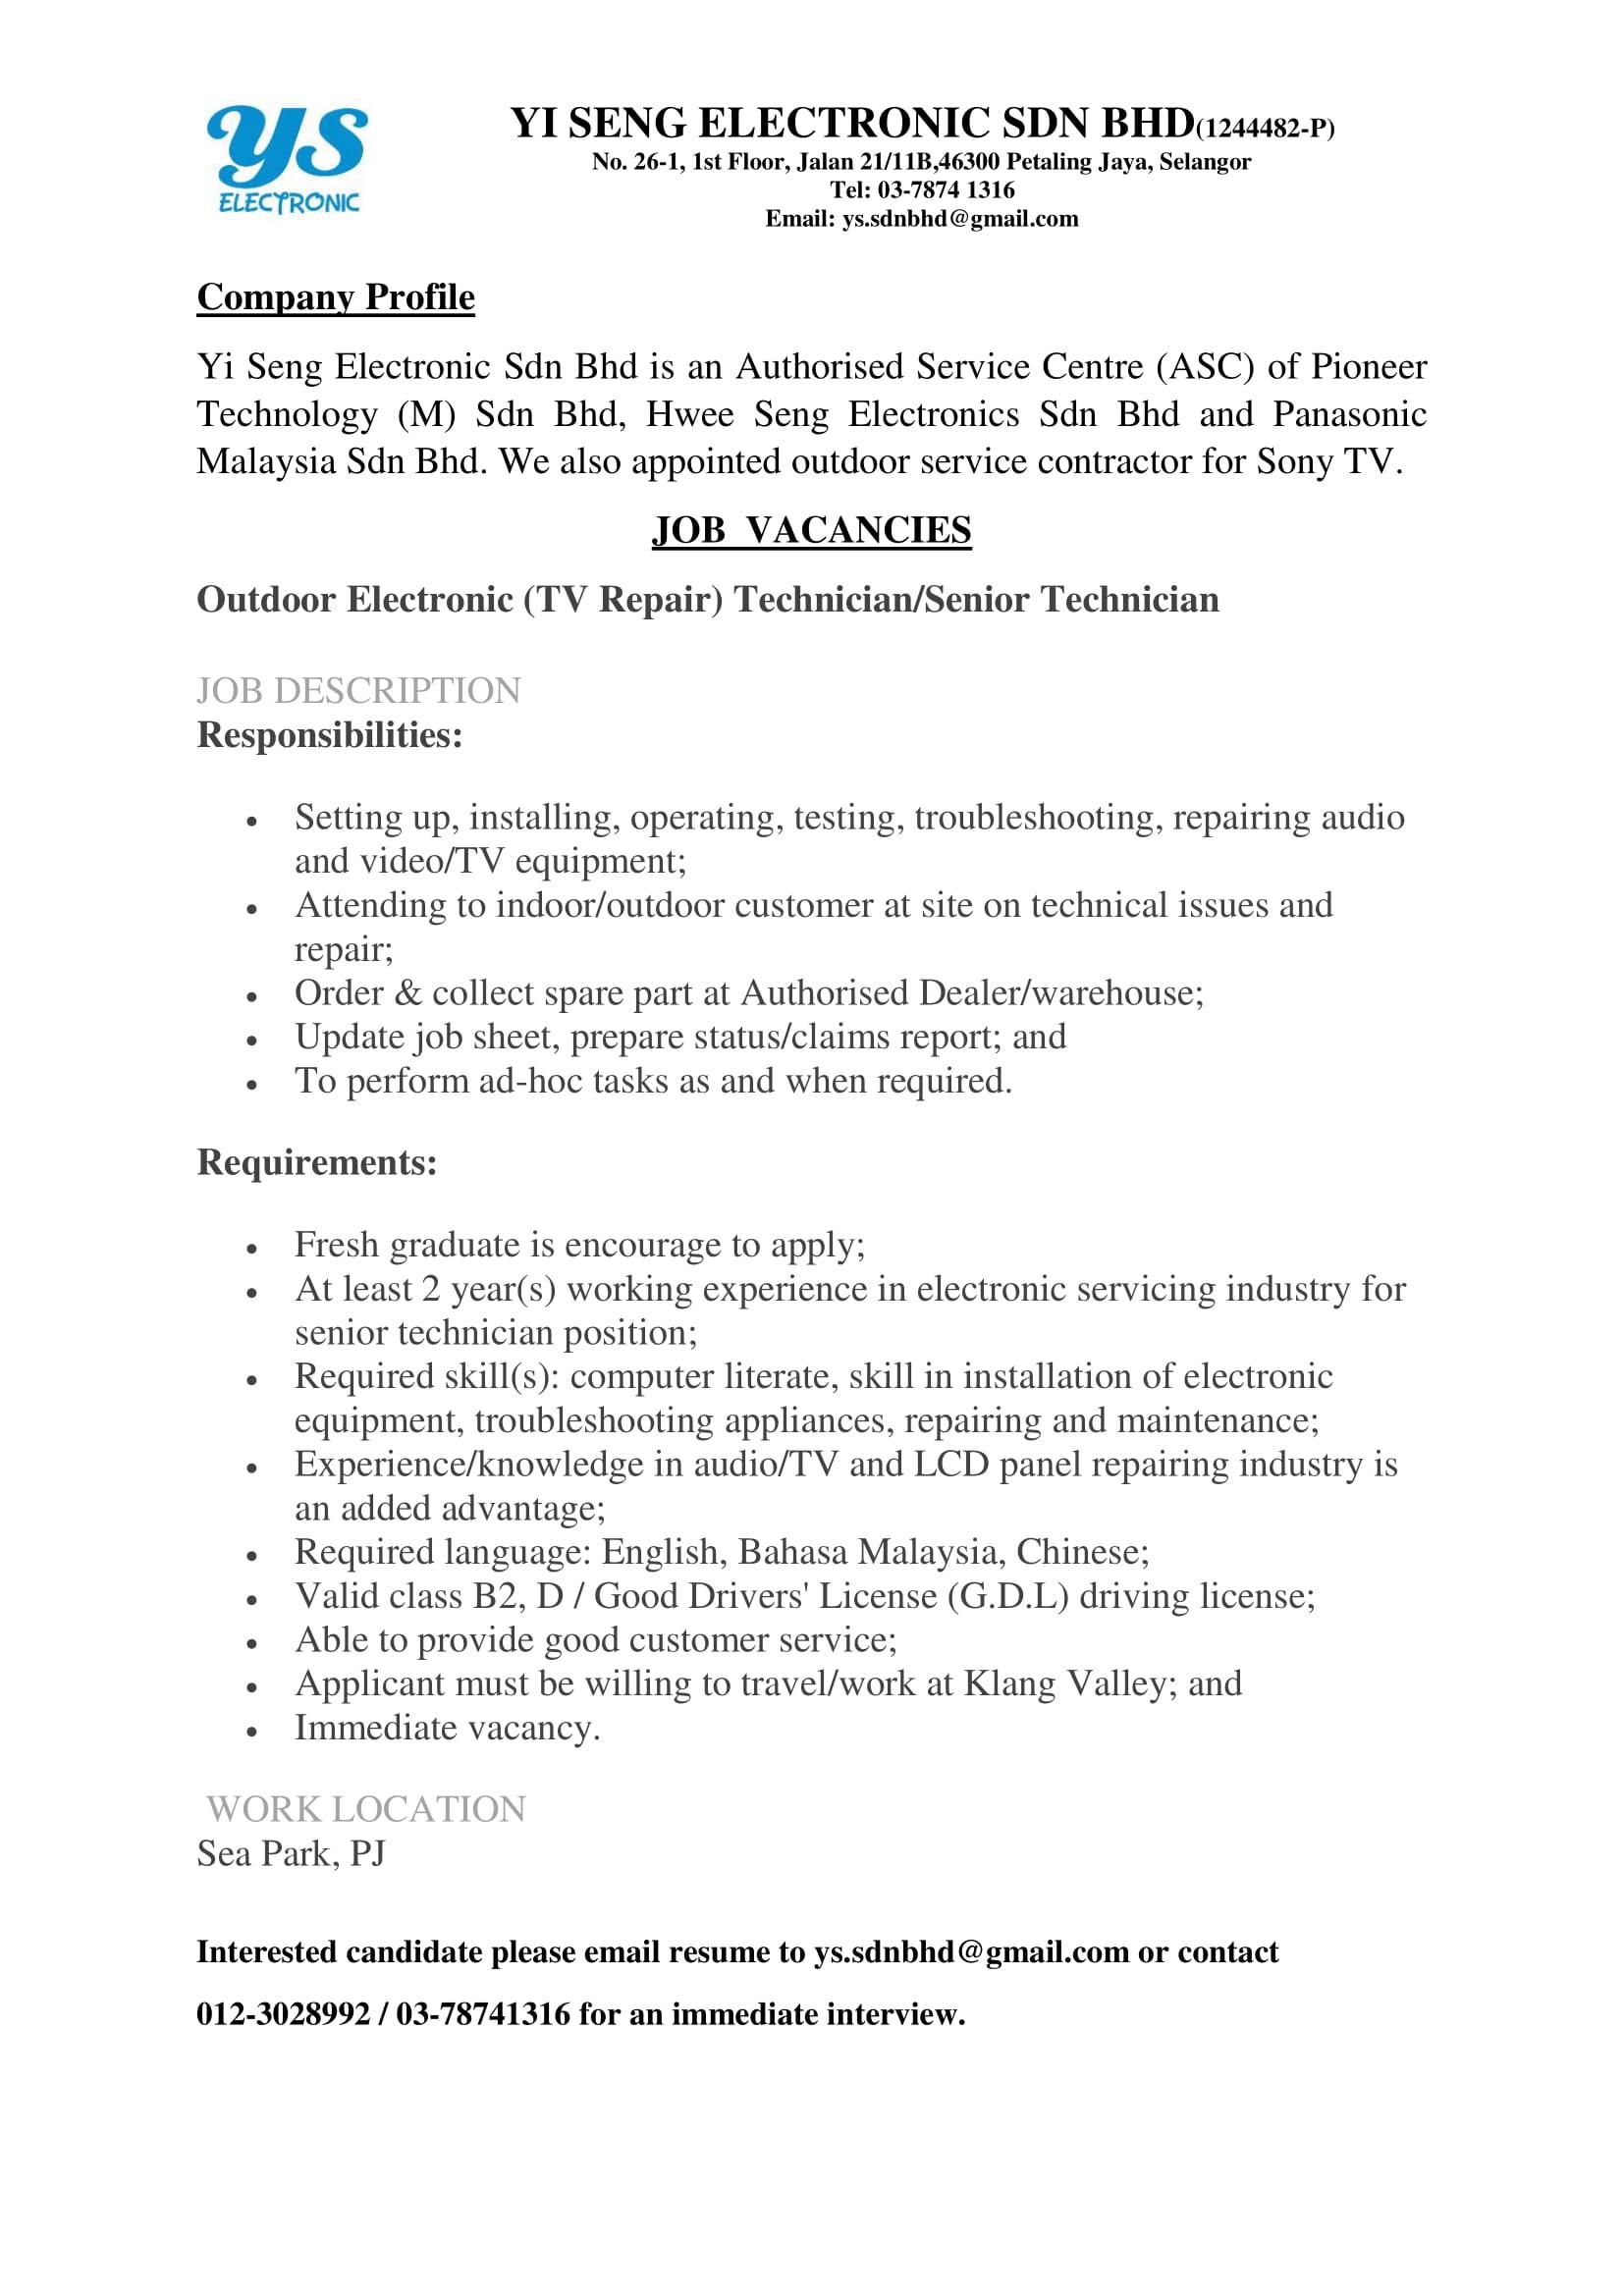 Outdoor Technician Job ADs-1